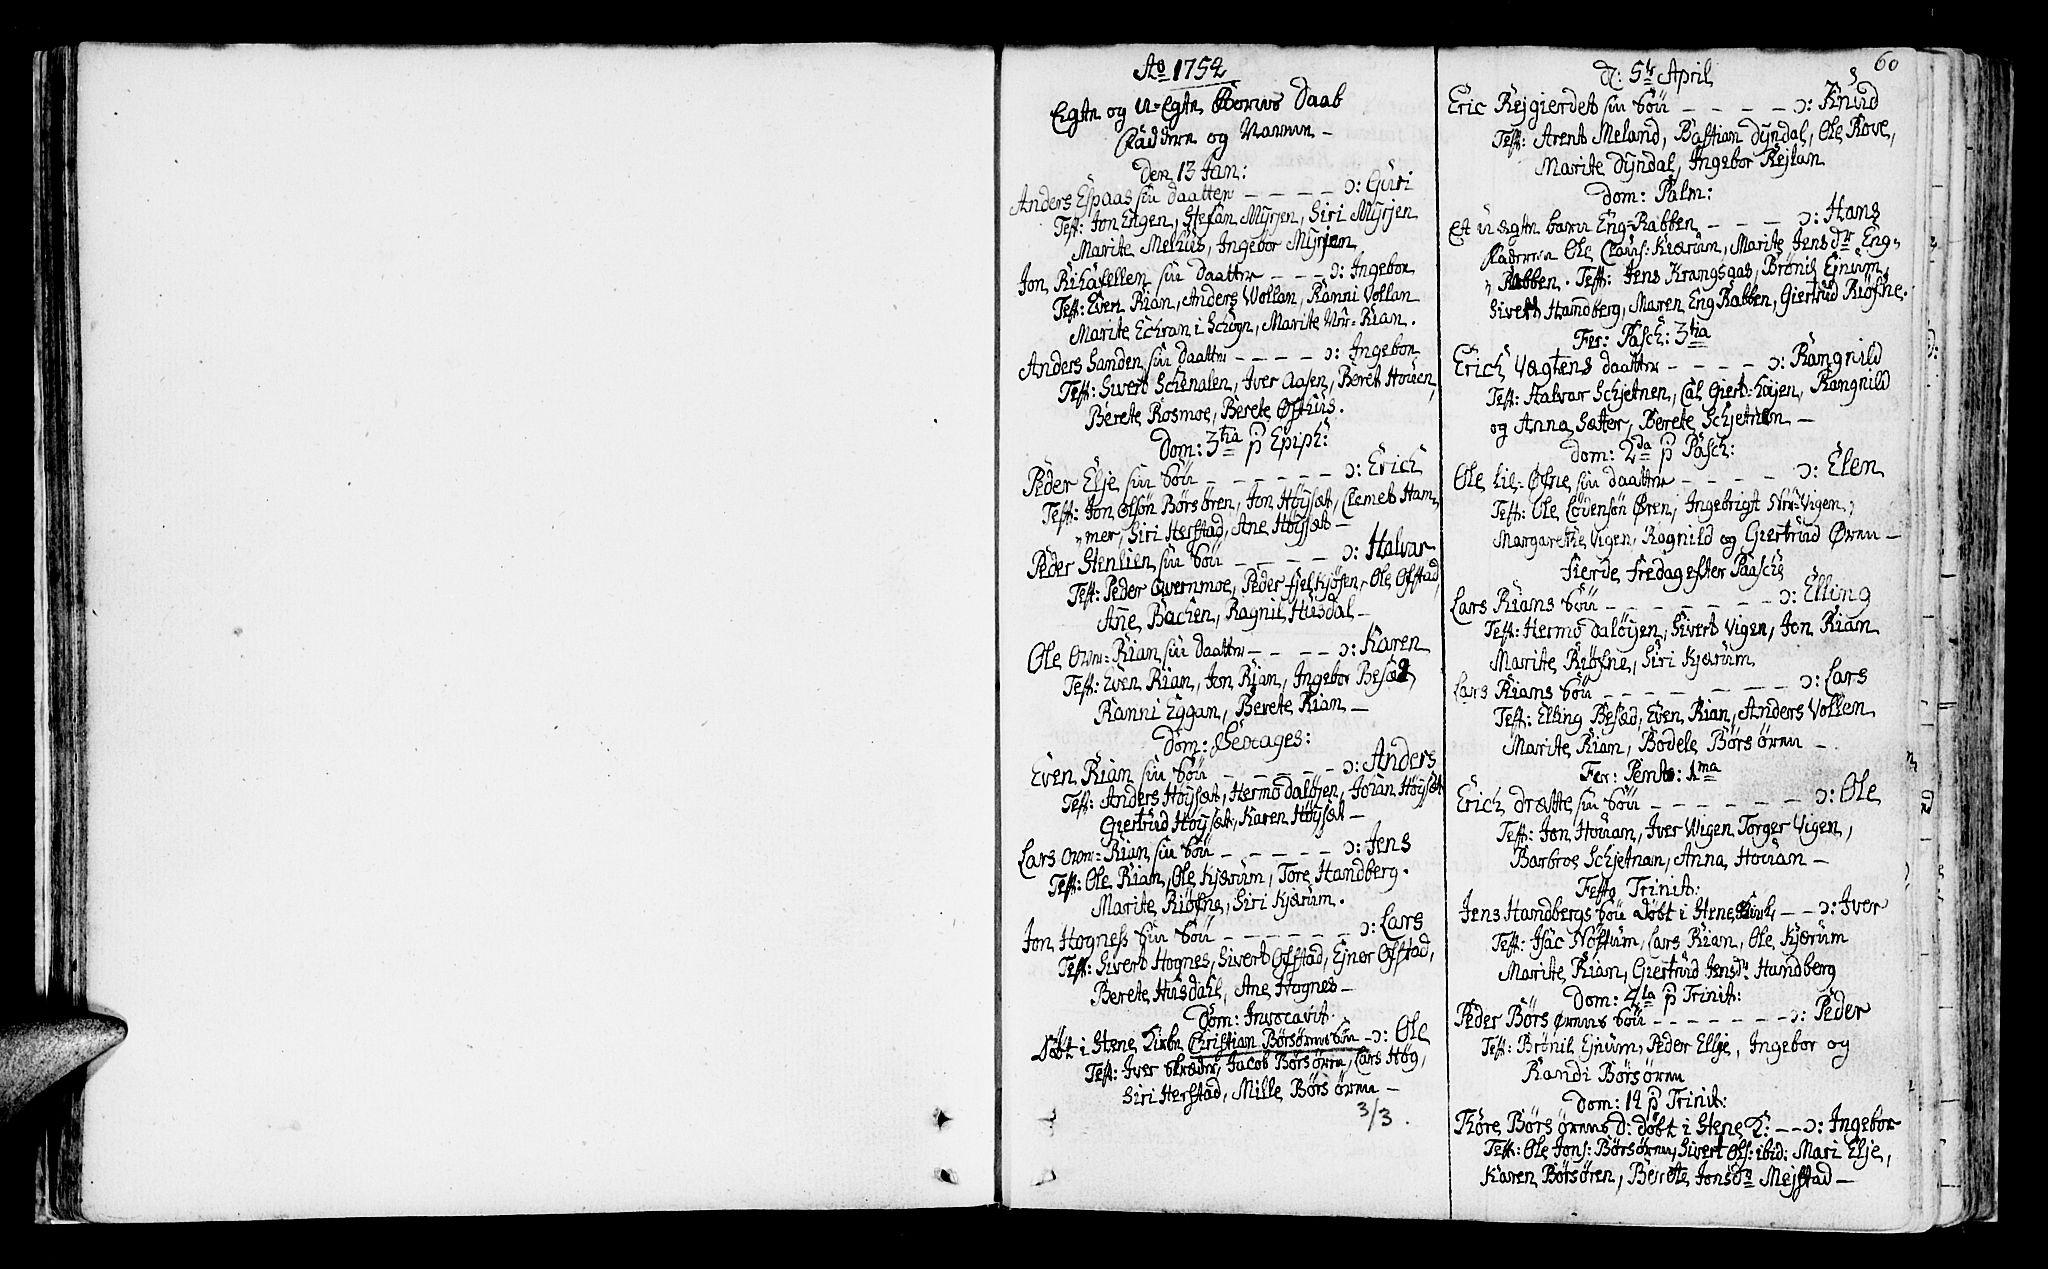 SAT, Ministerialprotokoller, klokkerbøker og fødselsregistre - Sør-Trøndelag, 665/L0768: Ministerialbok nr. 665A03, 1754-1803, s. 60